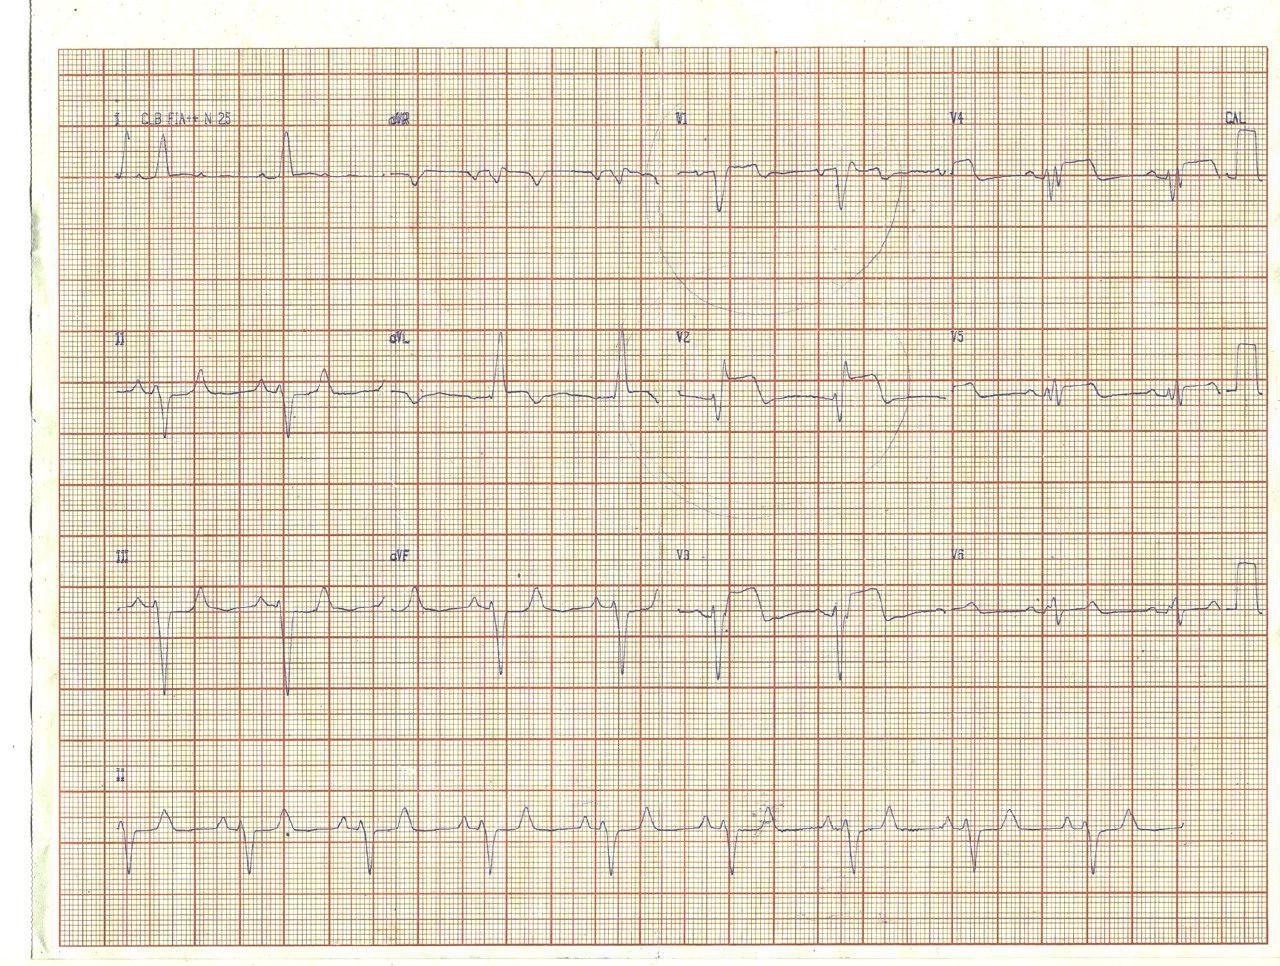 Femenina de 46 años con factores de riesgo que desarrolla IAMCEST complicado con BAV de alto grado tratada con angioplastia y que presenta FV irreversible